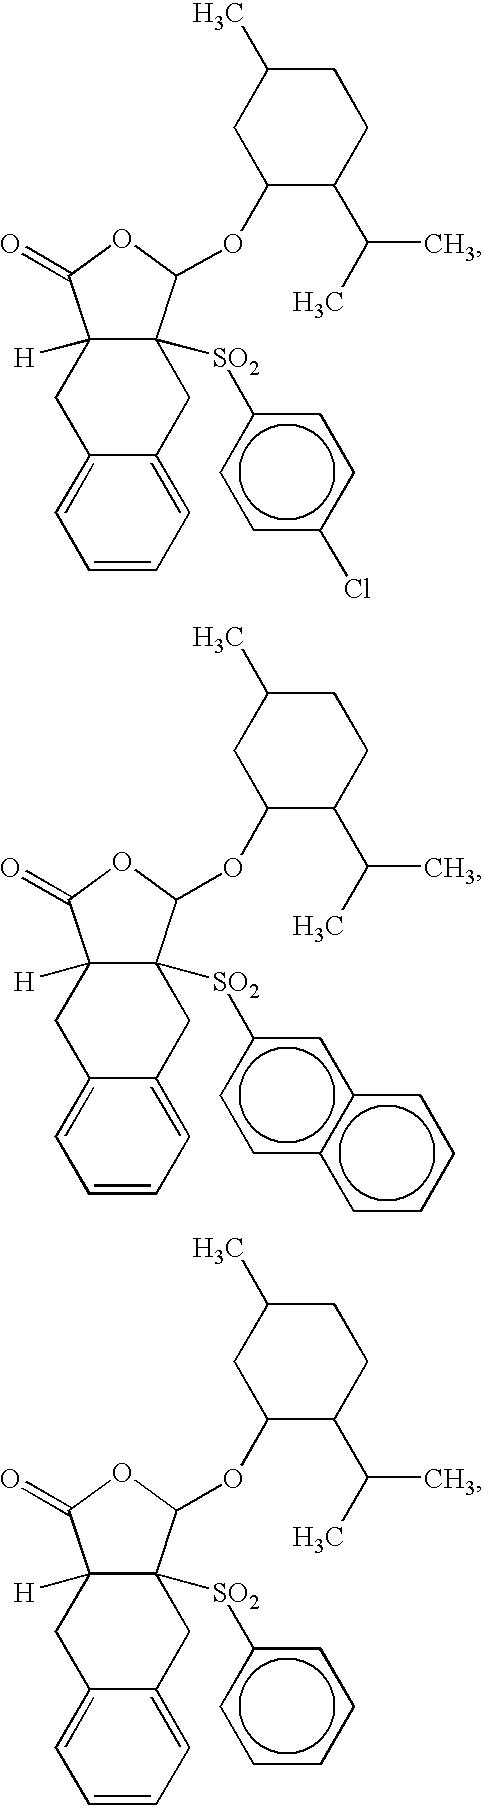 Figure US20040065227A1-20040408-C00125